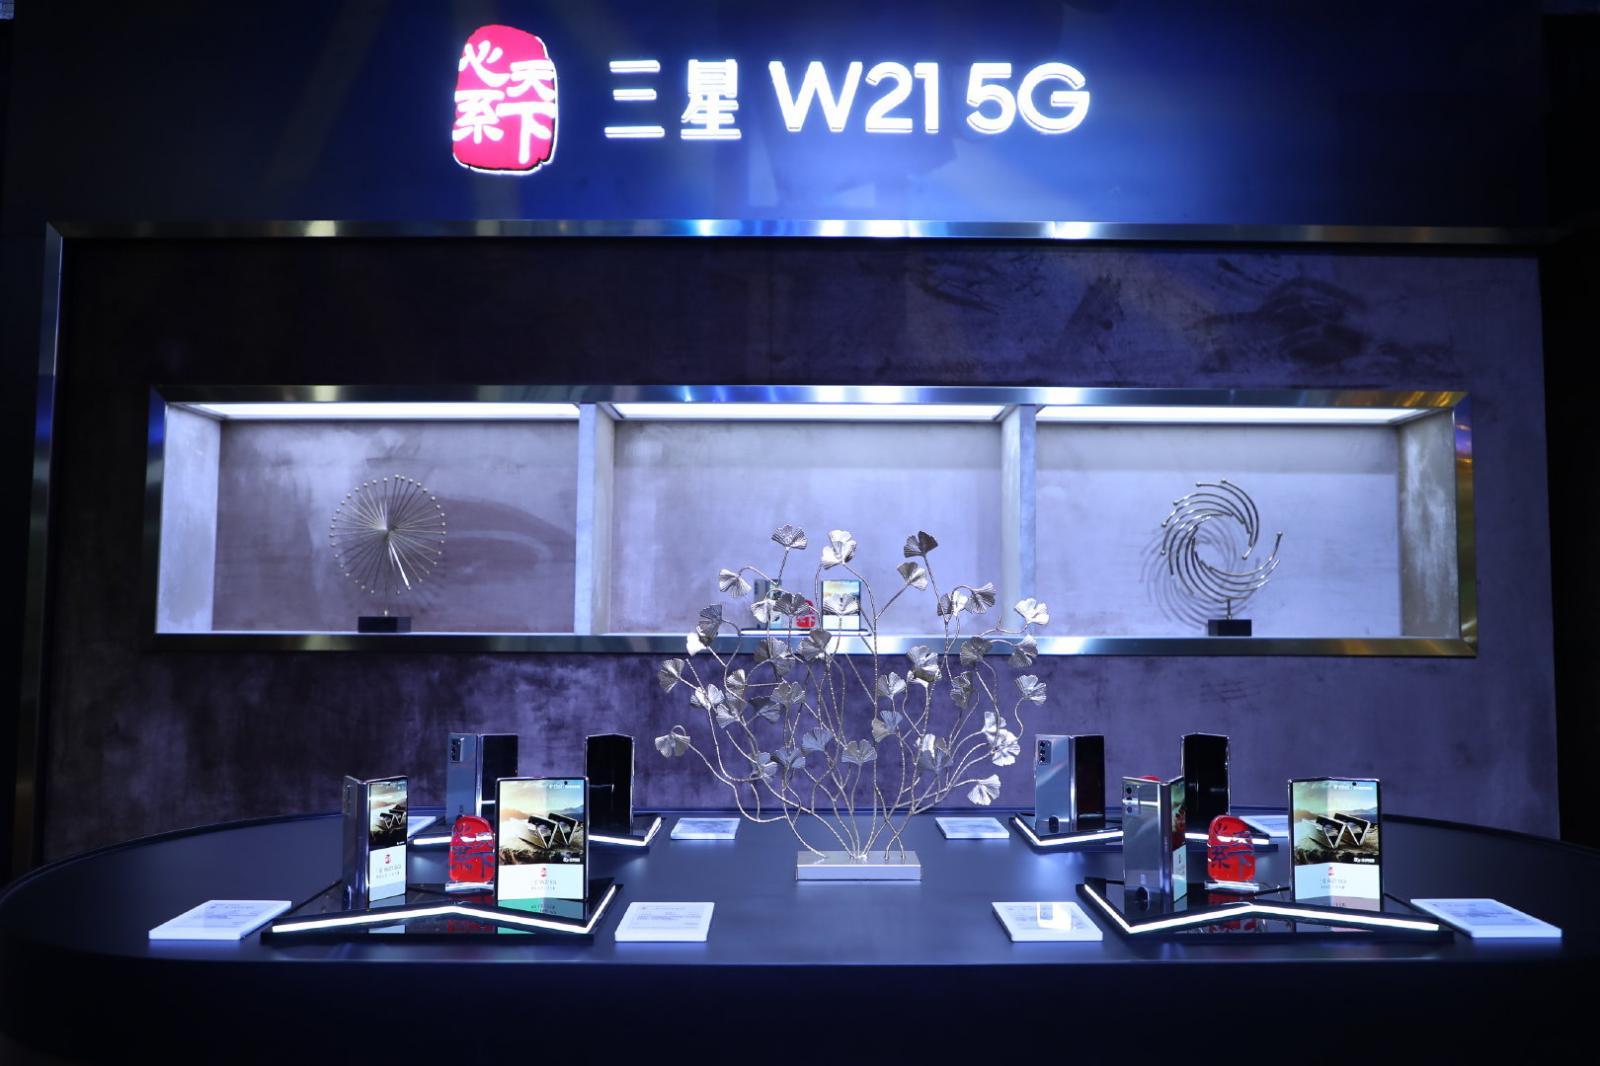 """""""心系天下""""系列续作 W21 5G 正式发布:19999元"""